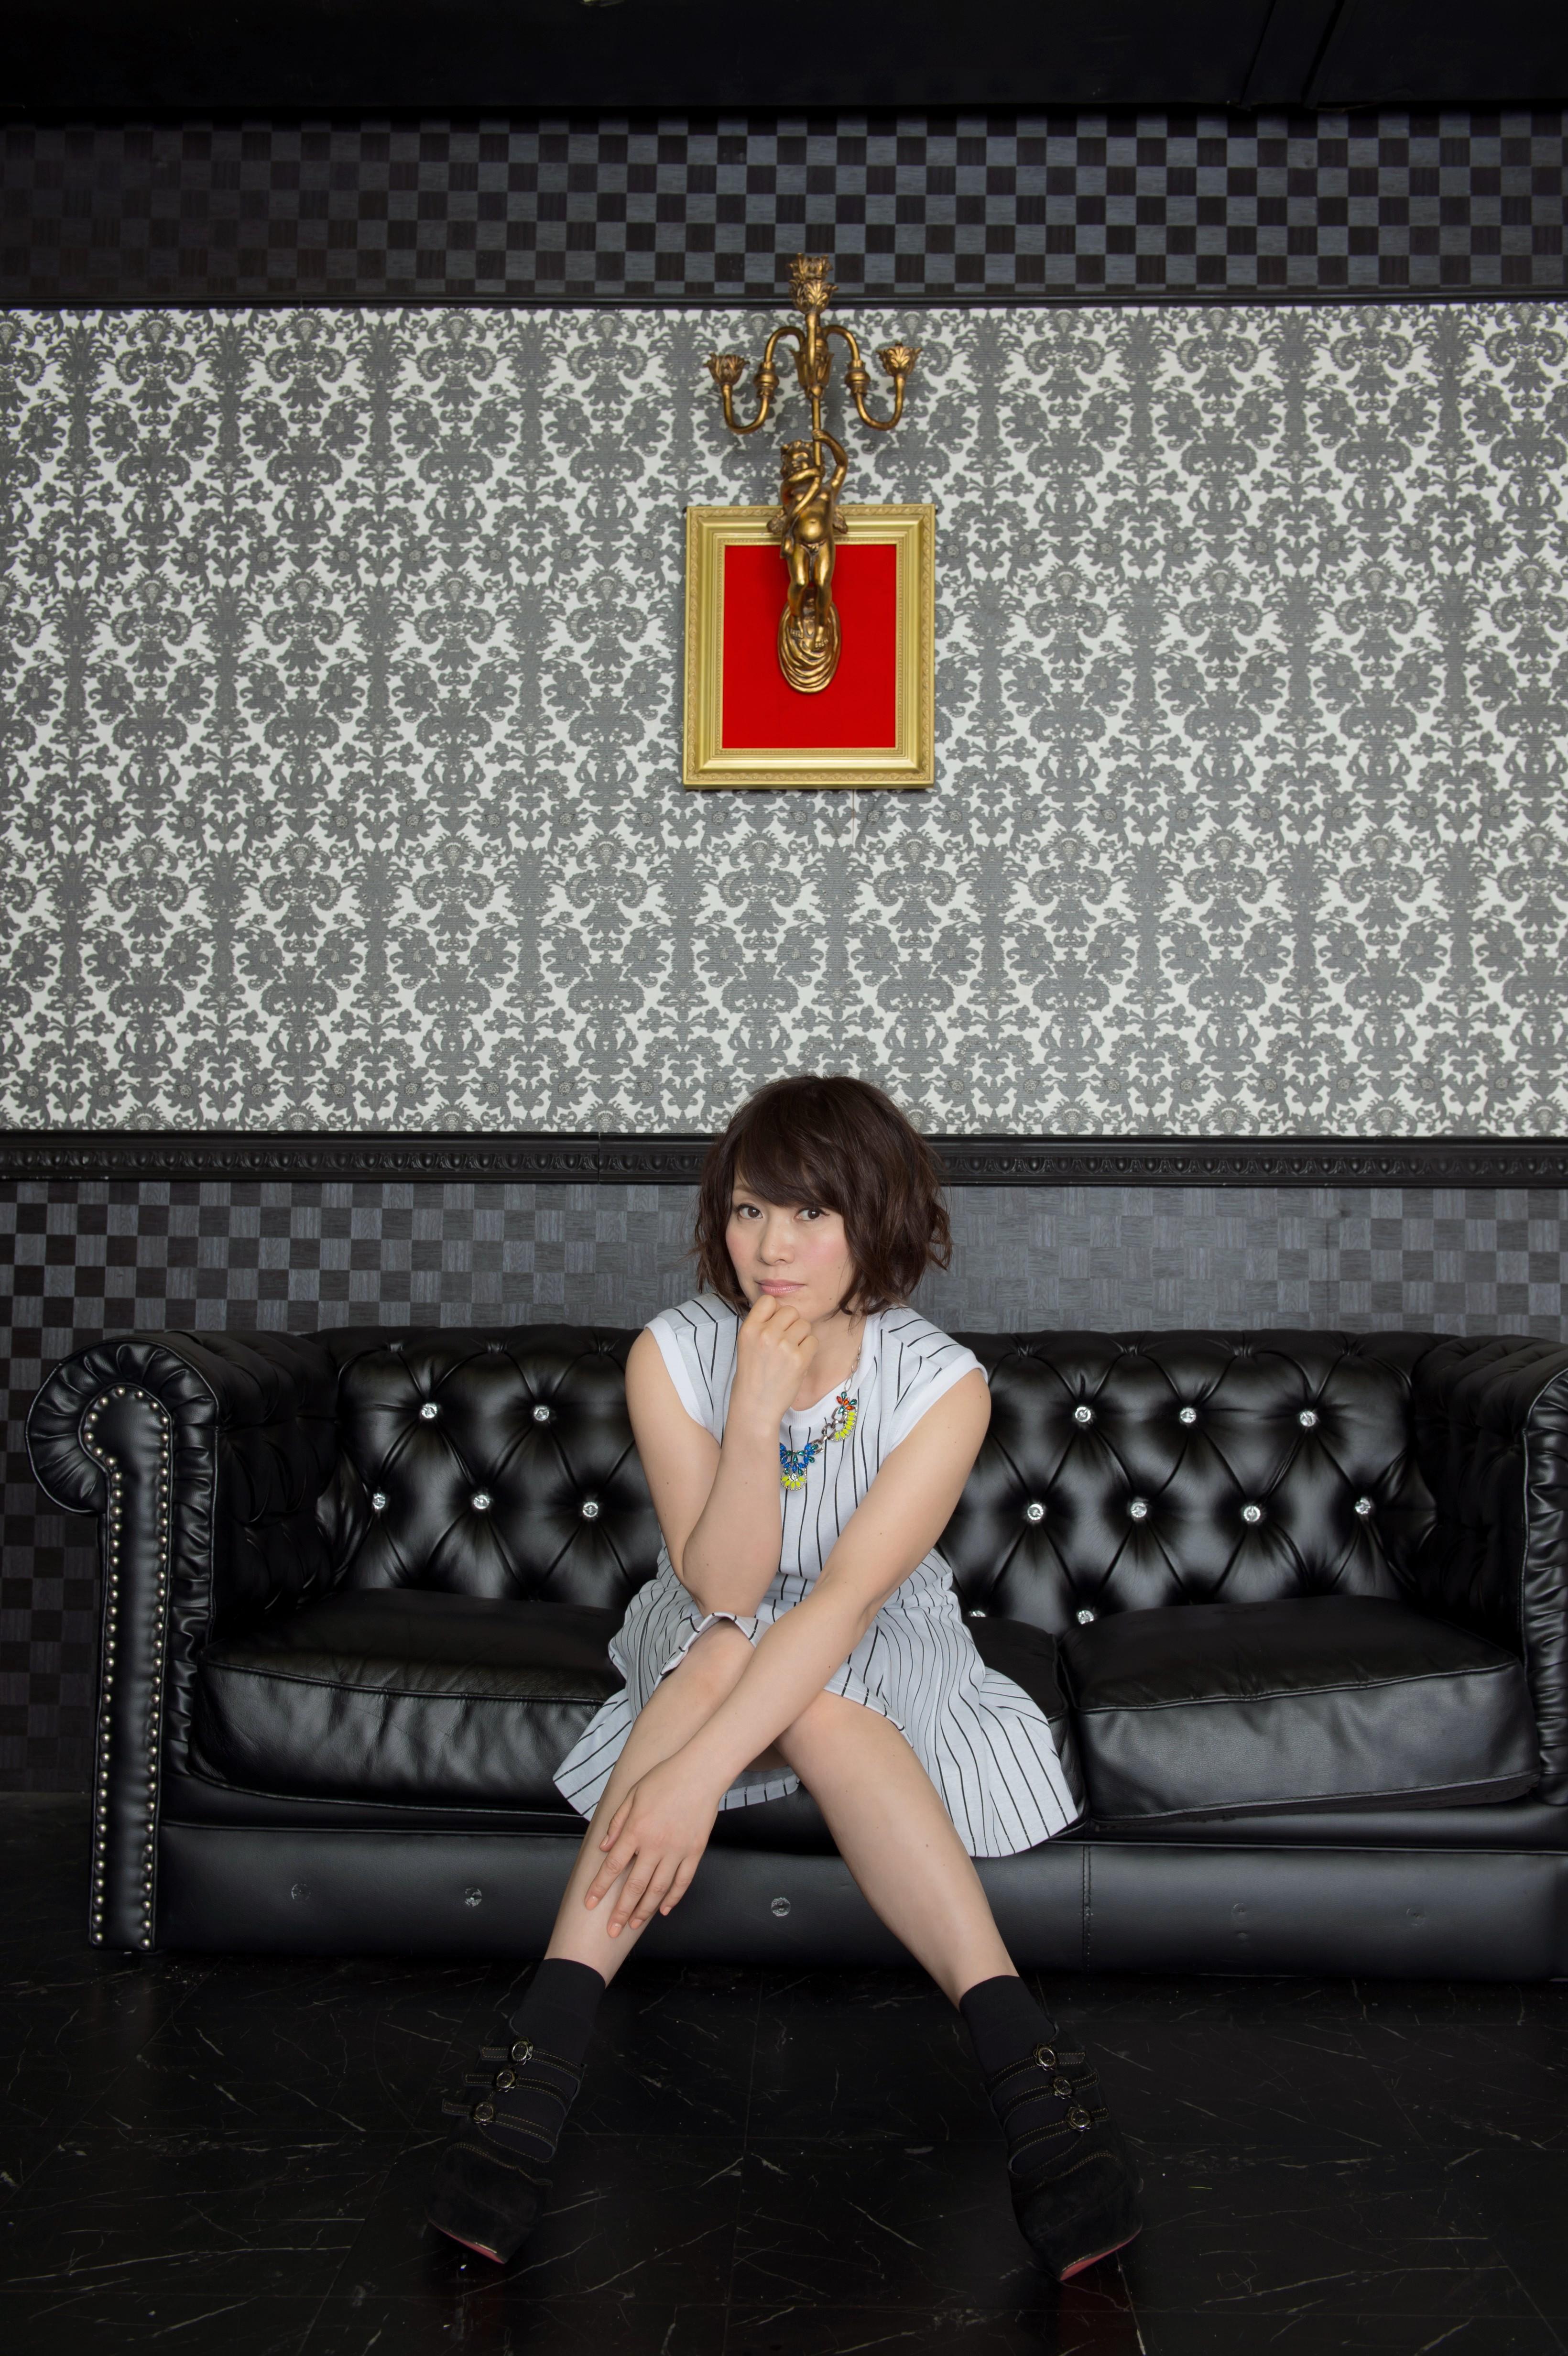 marie_profile.jpg